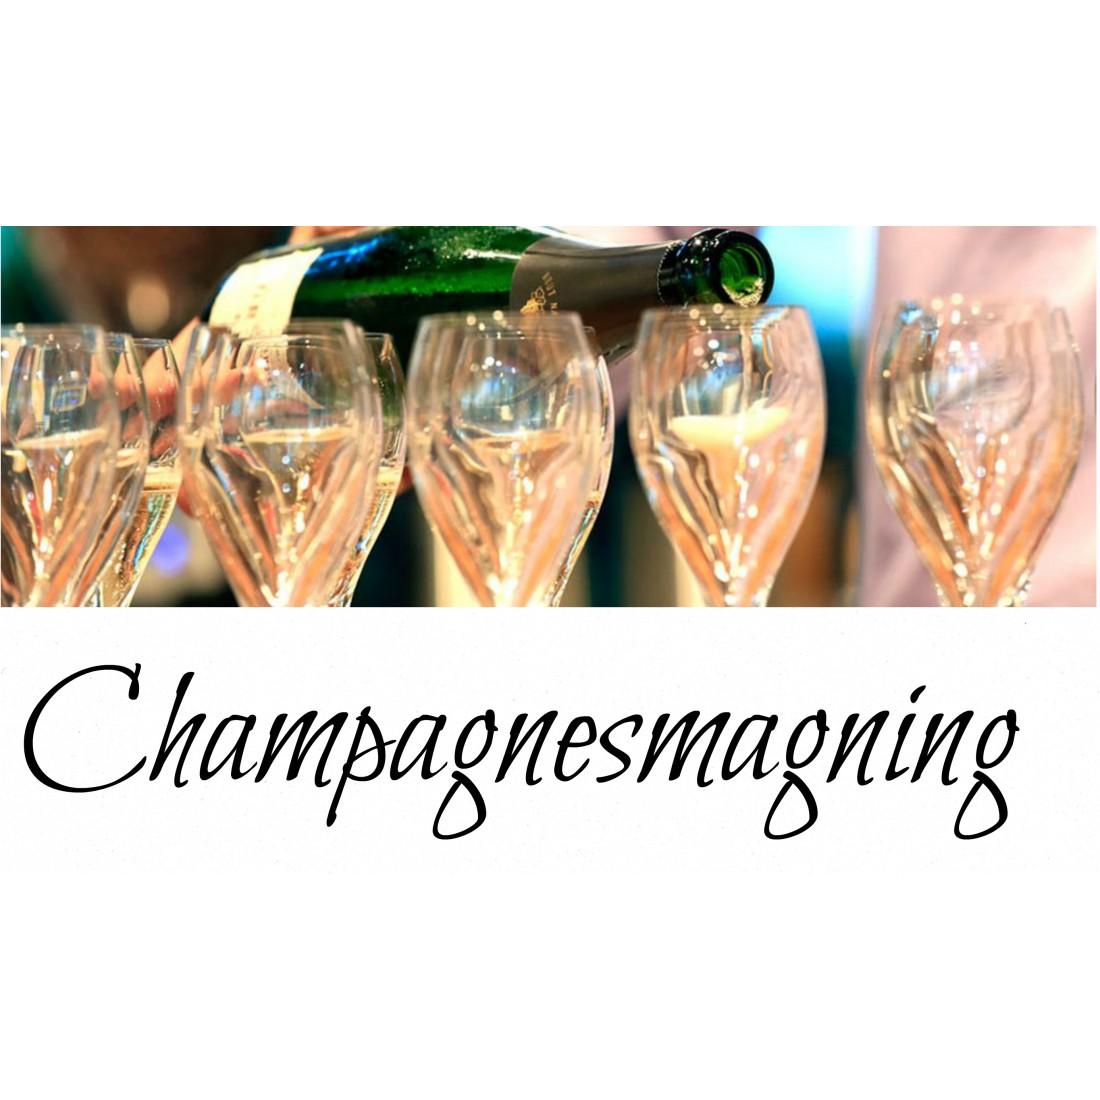 Champagnesmagning lørdag den 28 december kl. 19.00 I ChampagneKælderen-31